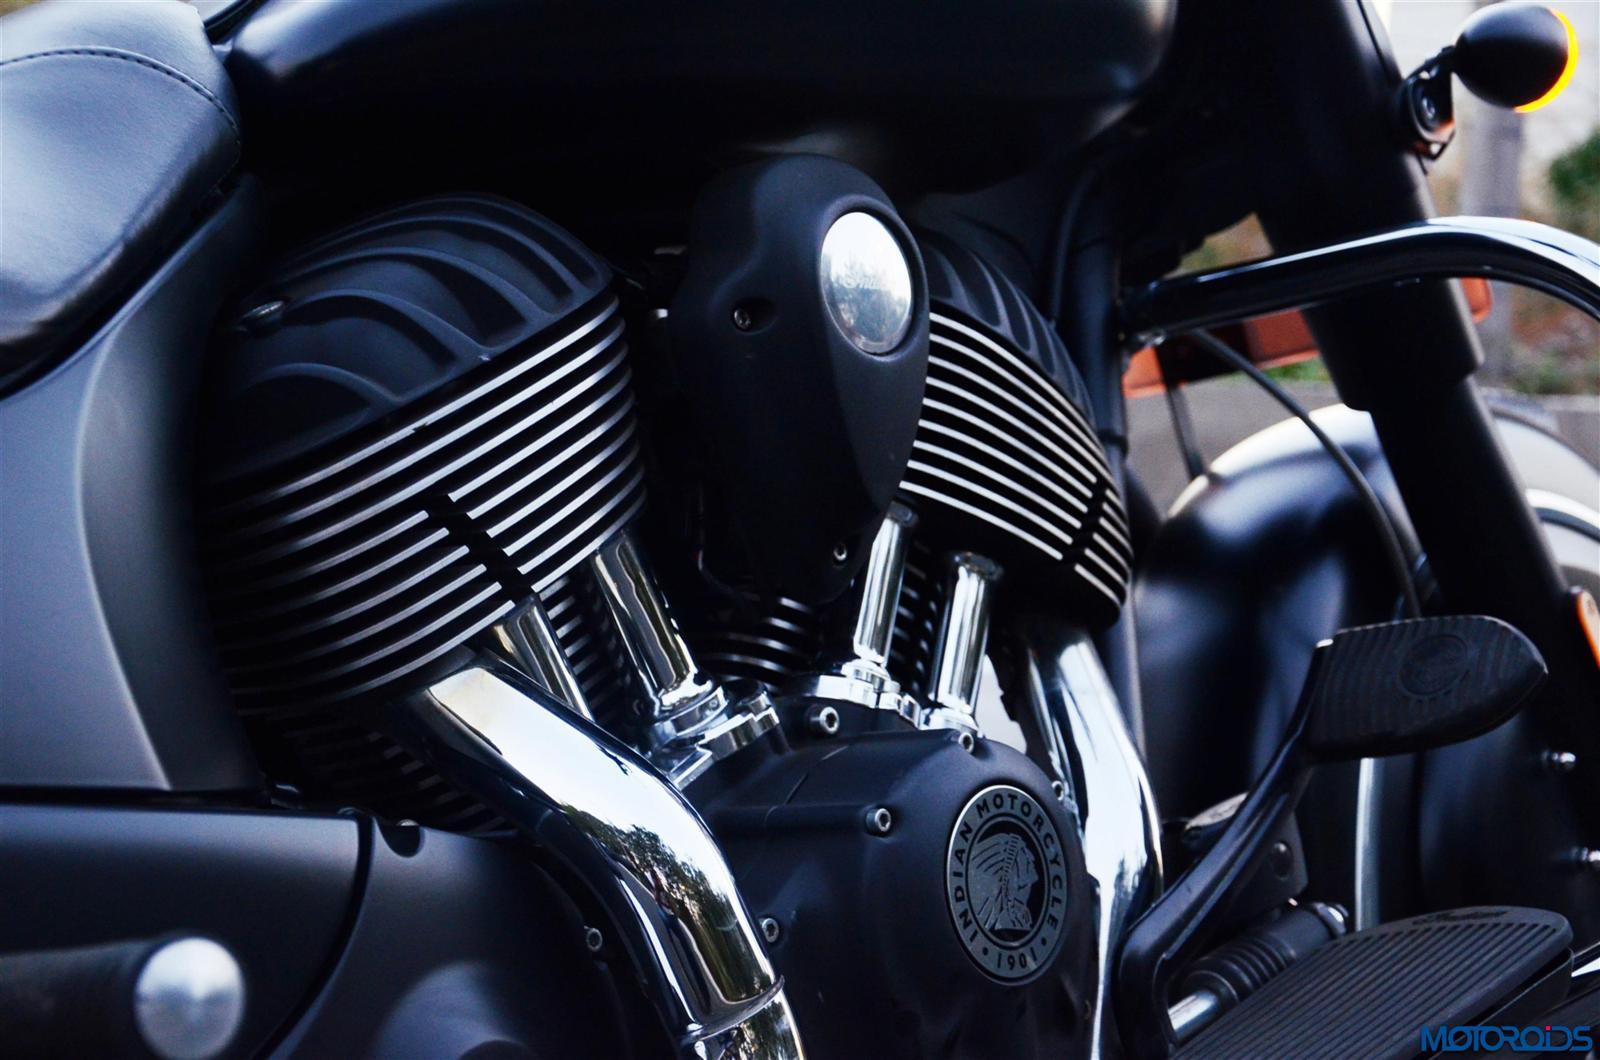 Indian Dark Horse engine